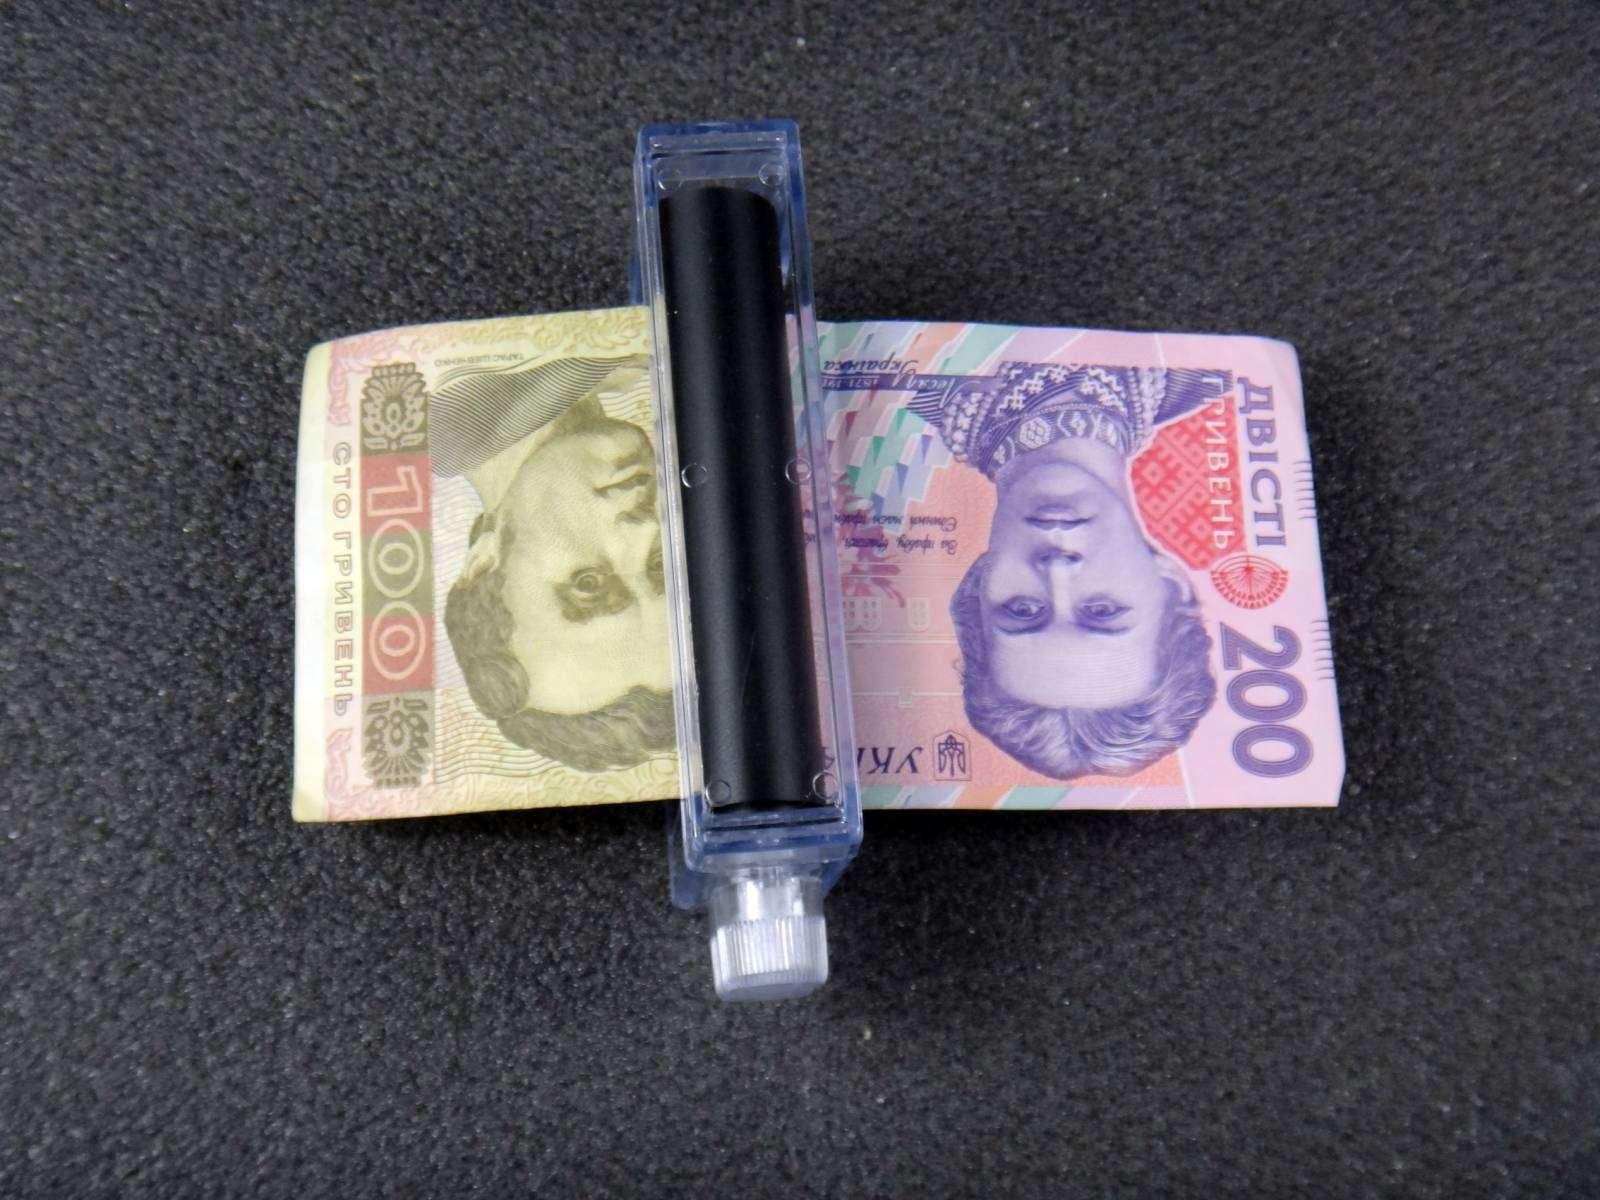 GearBest: Принтер для денег из Китая - магический фокус или как из бумаги делать деньги